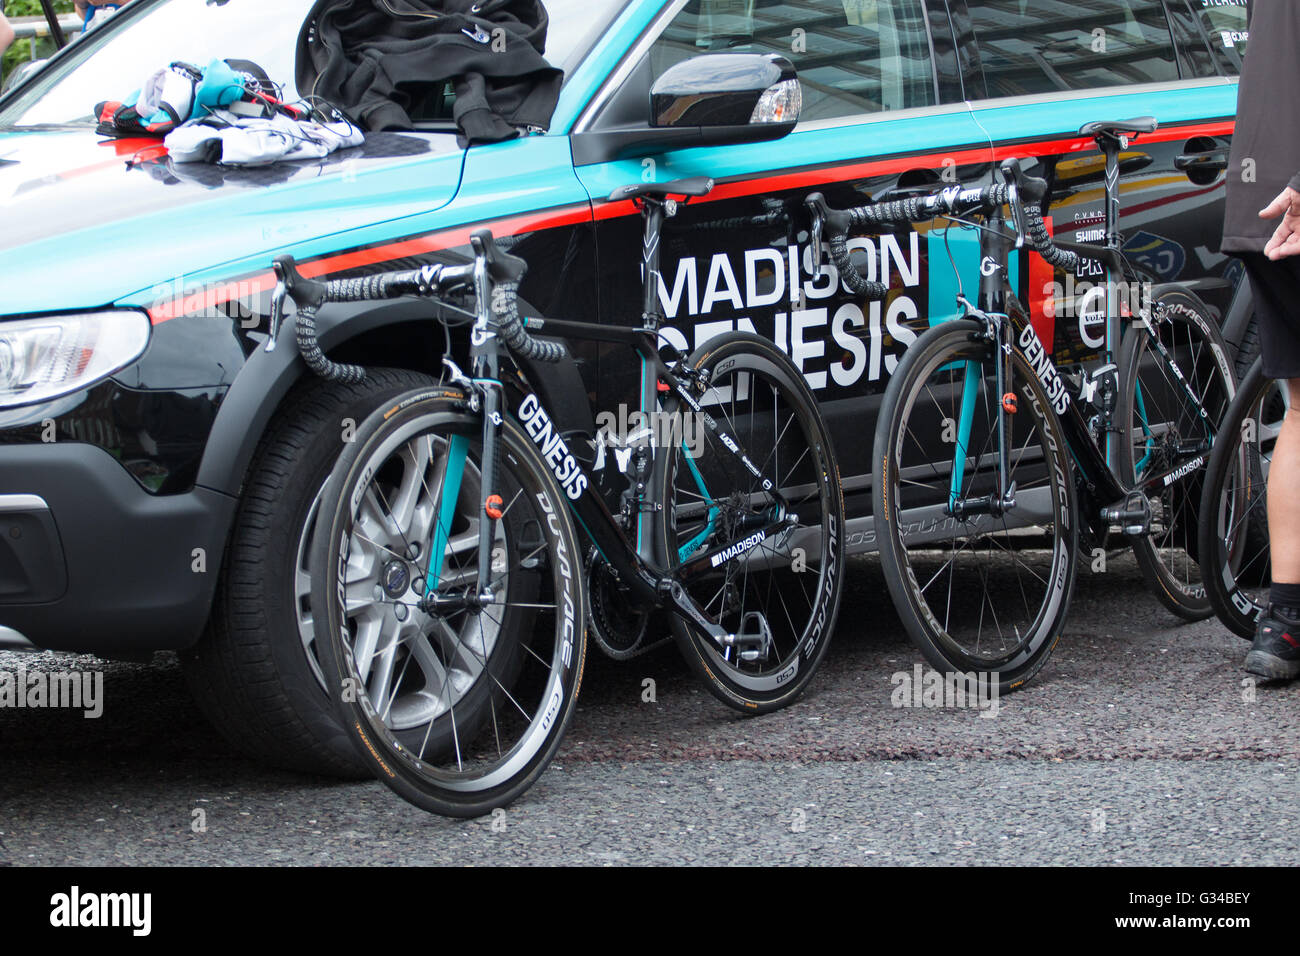 La genèse de l'équipe de Madison vélo Voiture et motos Photo Stock